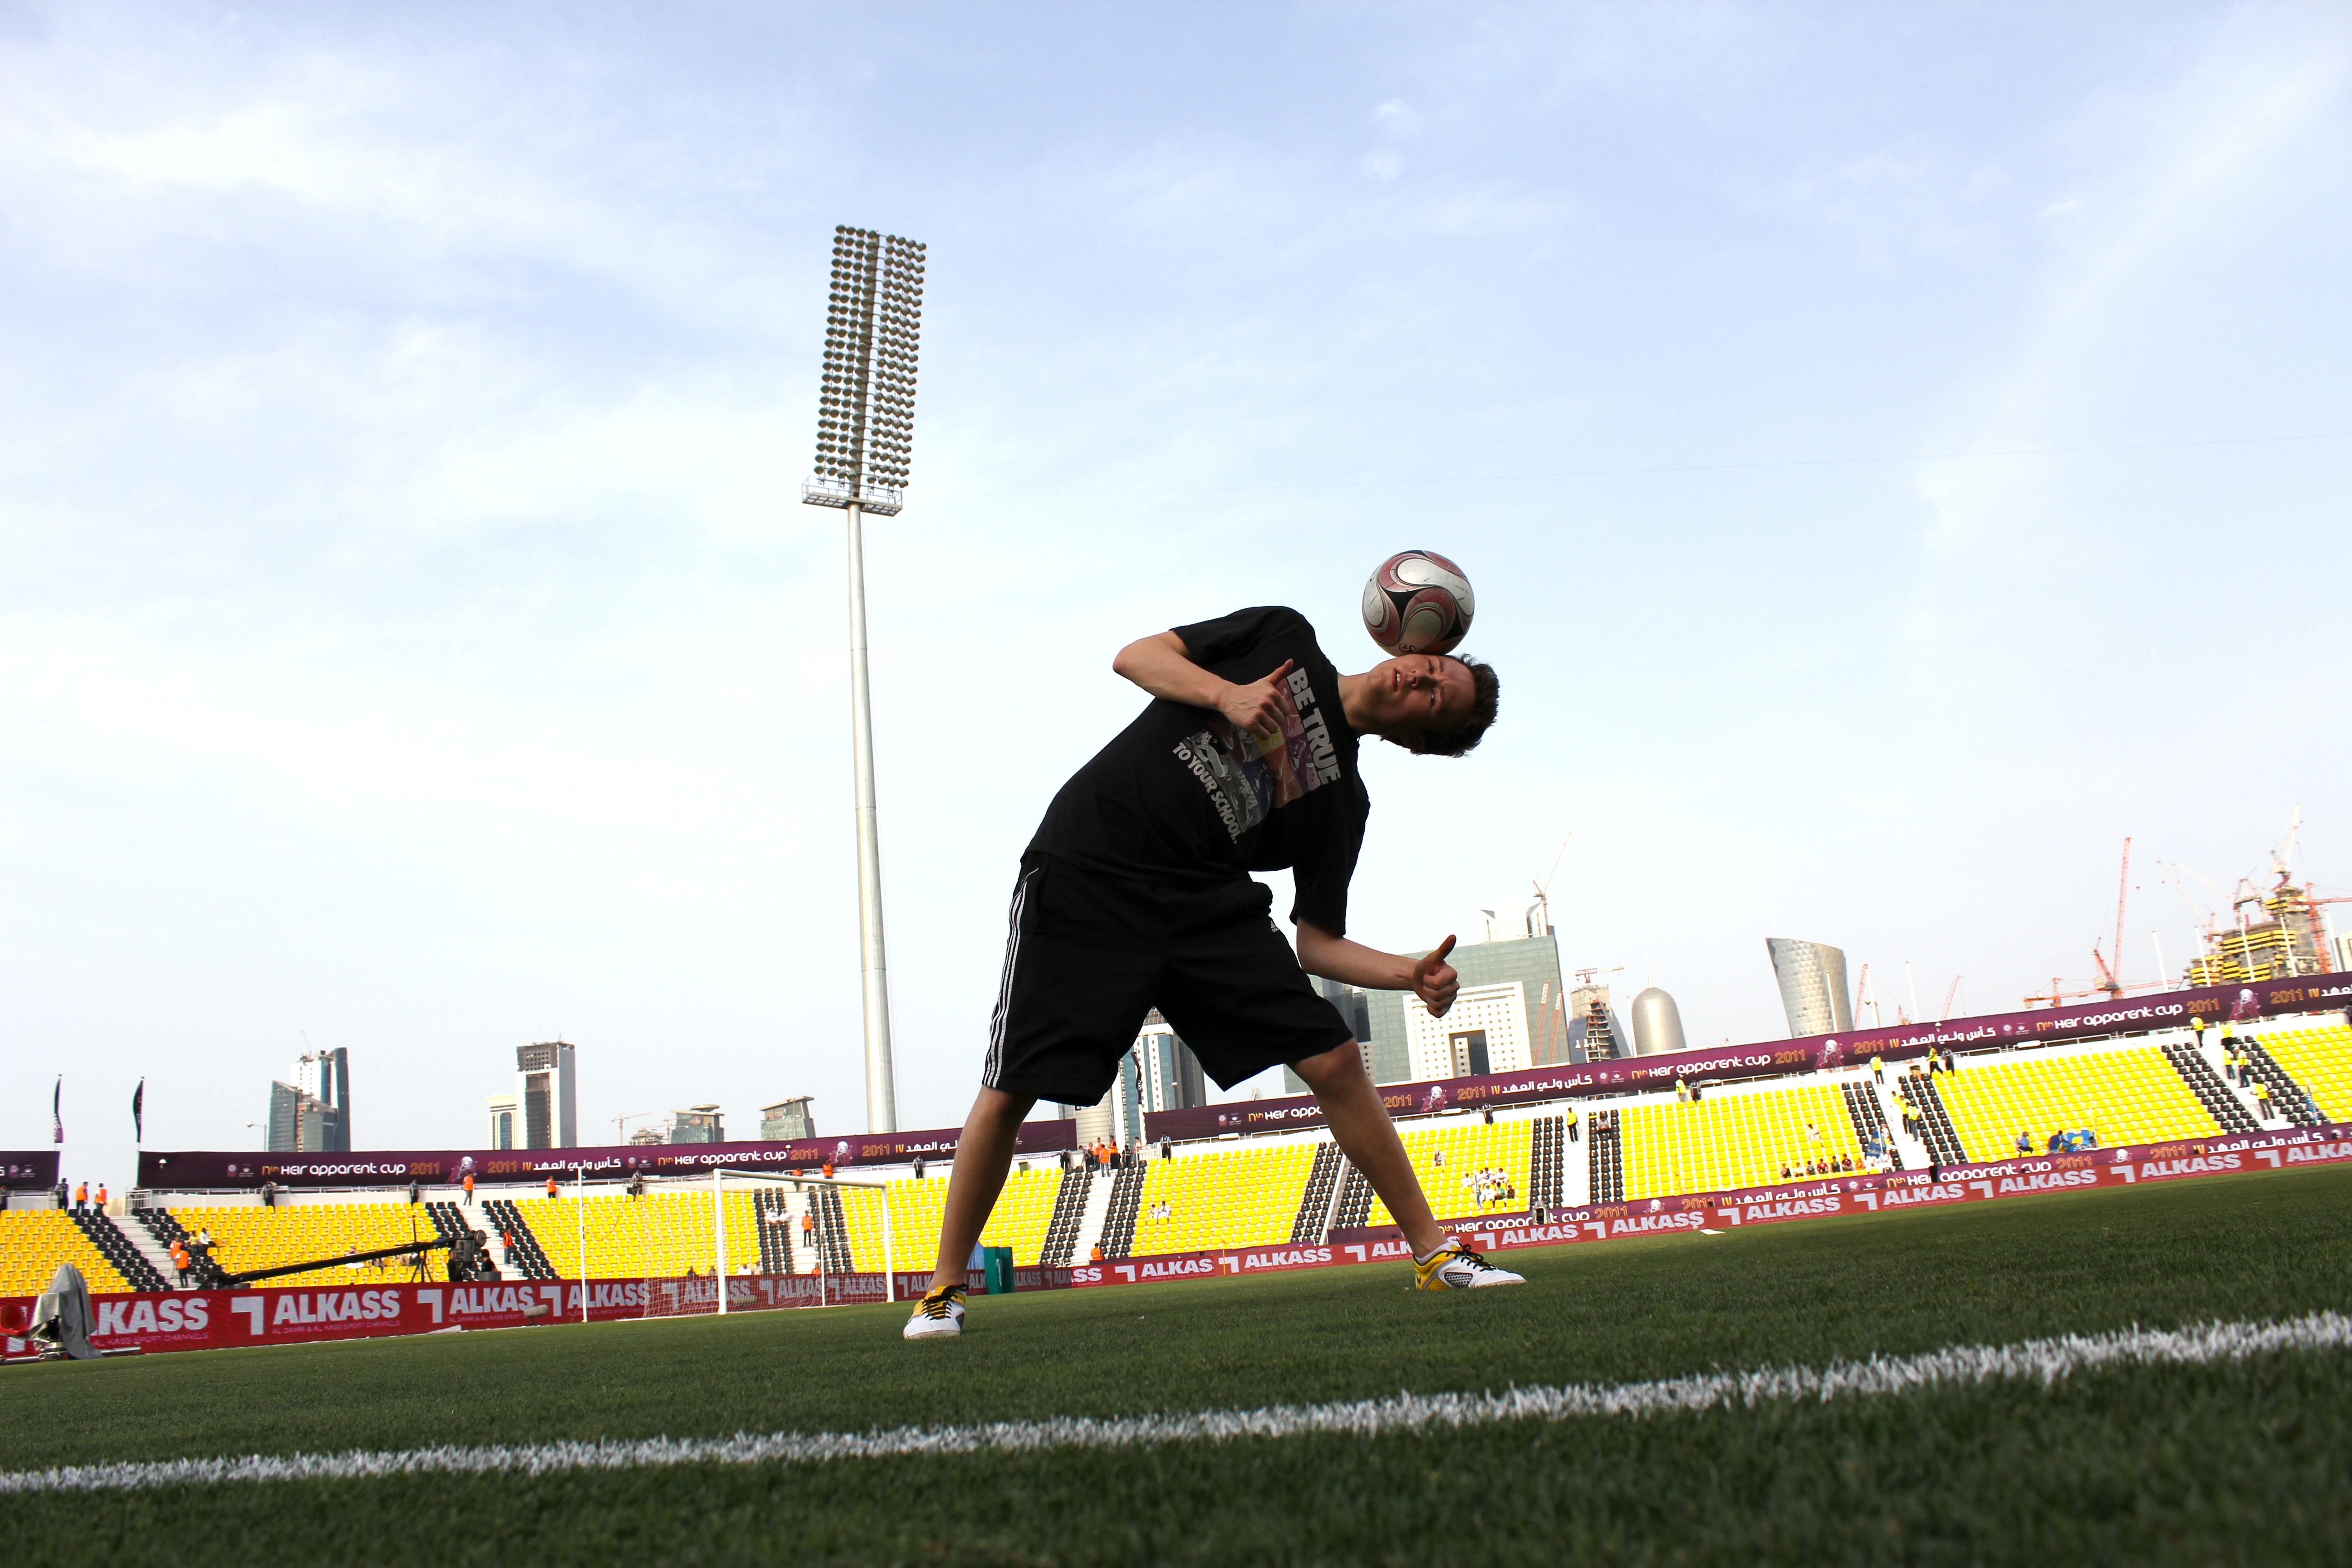 Fussball Freestyle Show | Katar